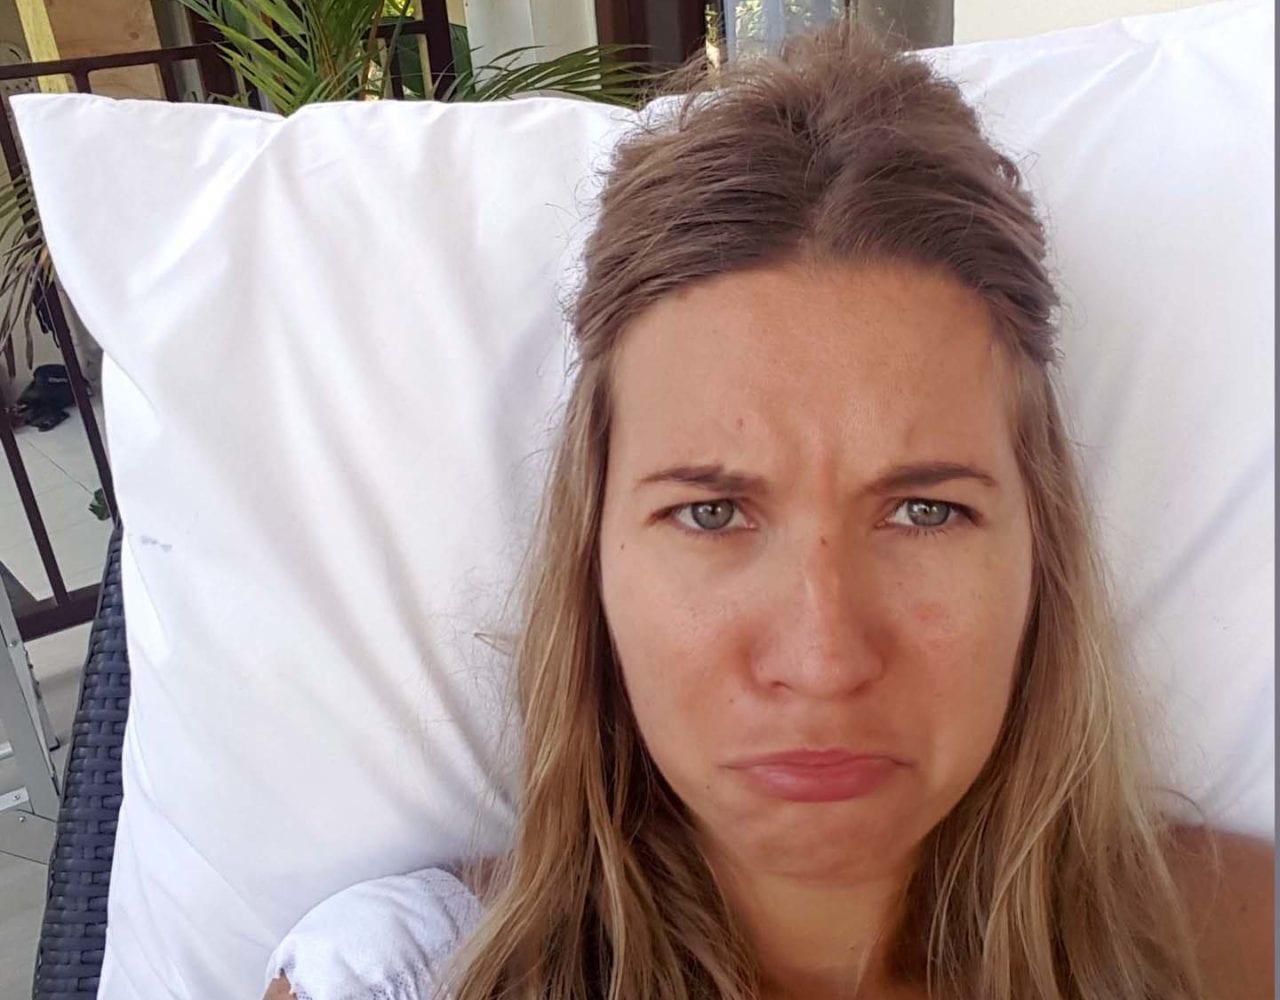 Verwundete Frau guckt traurig